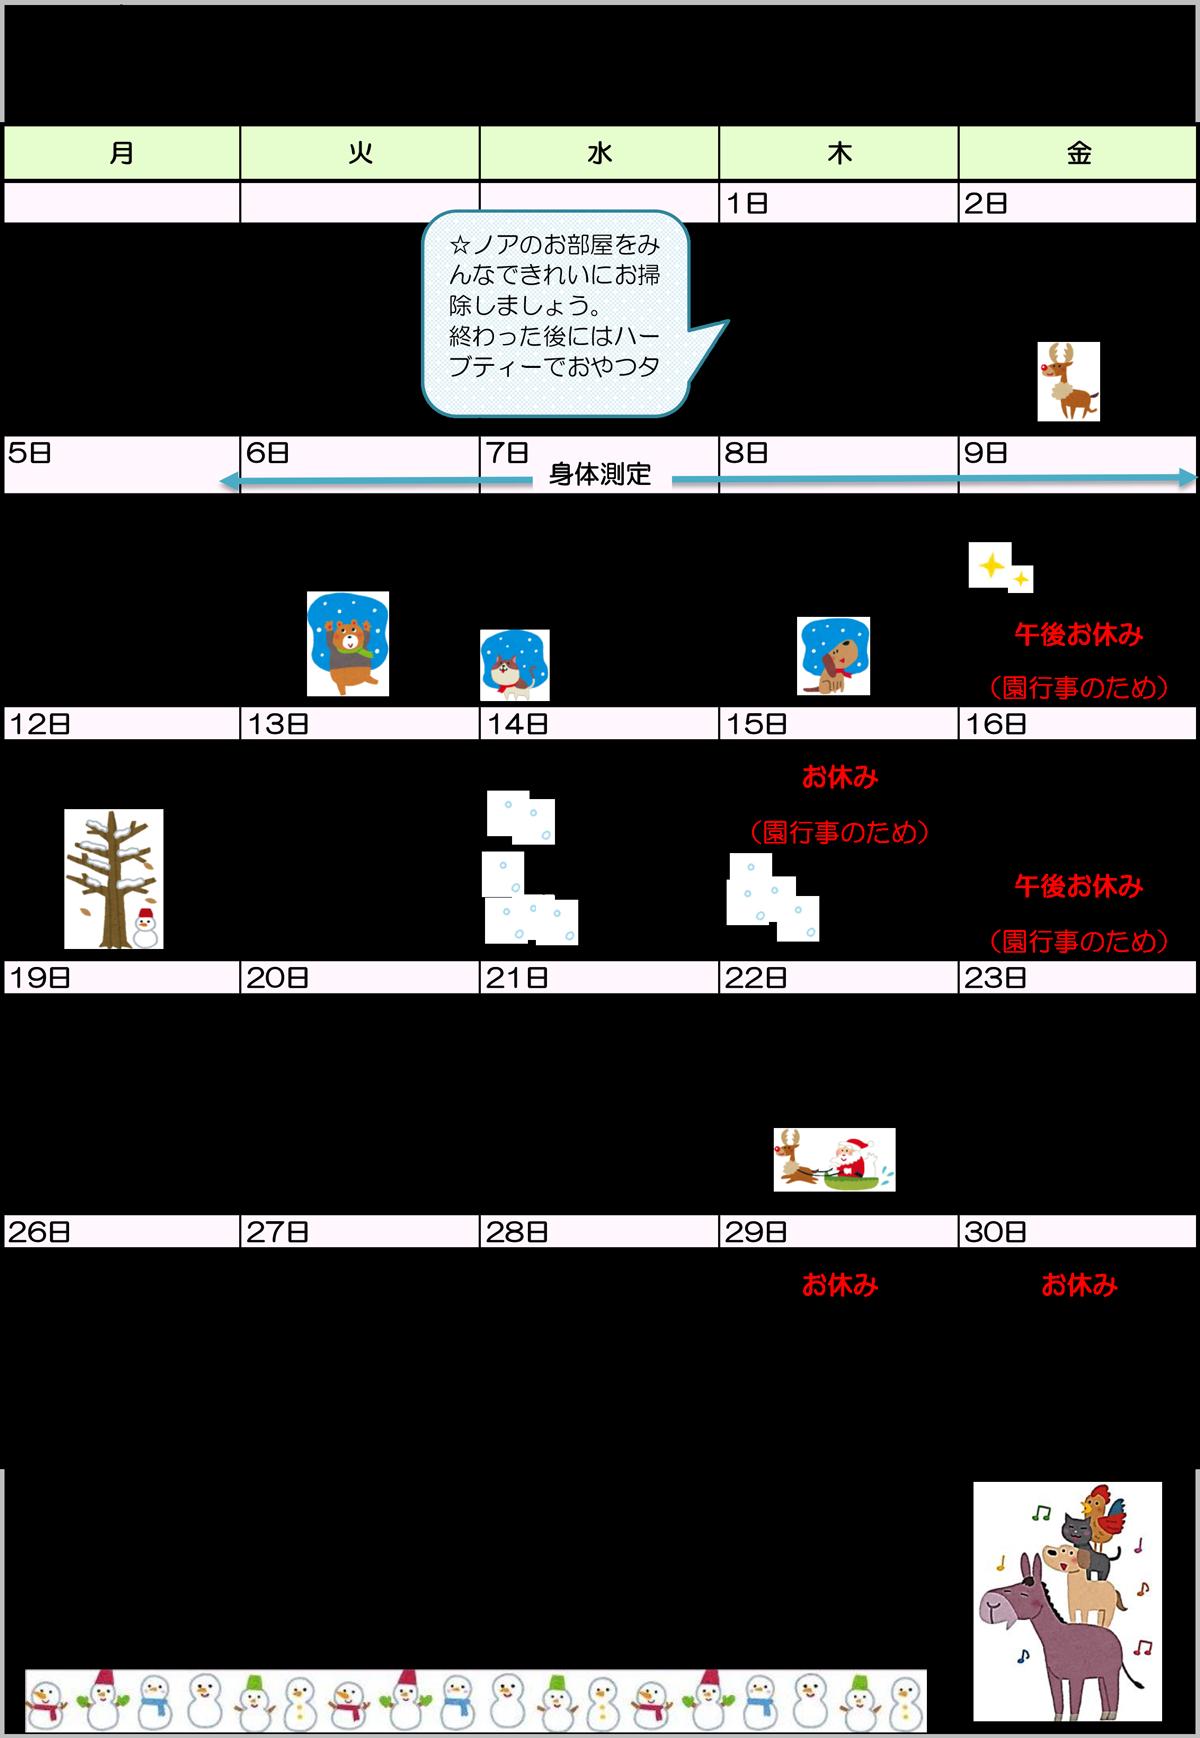 2016 12月ノア活動予定表